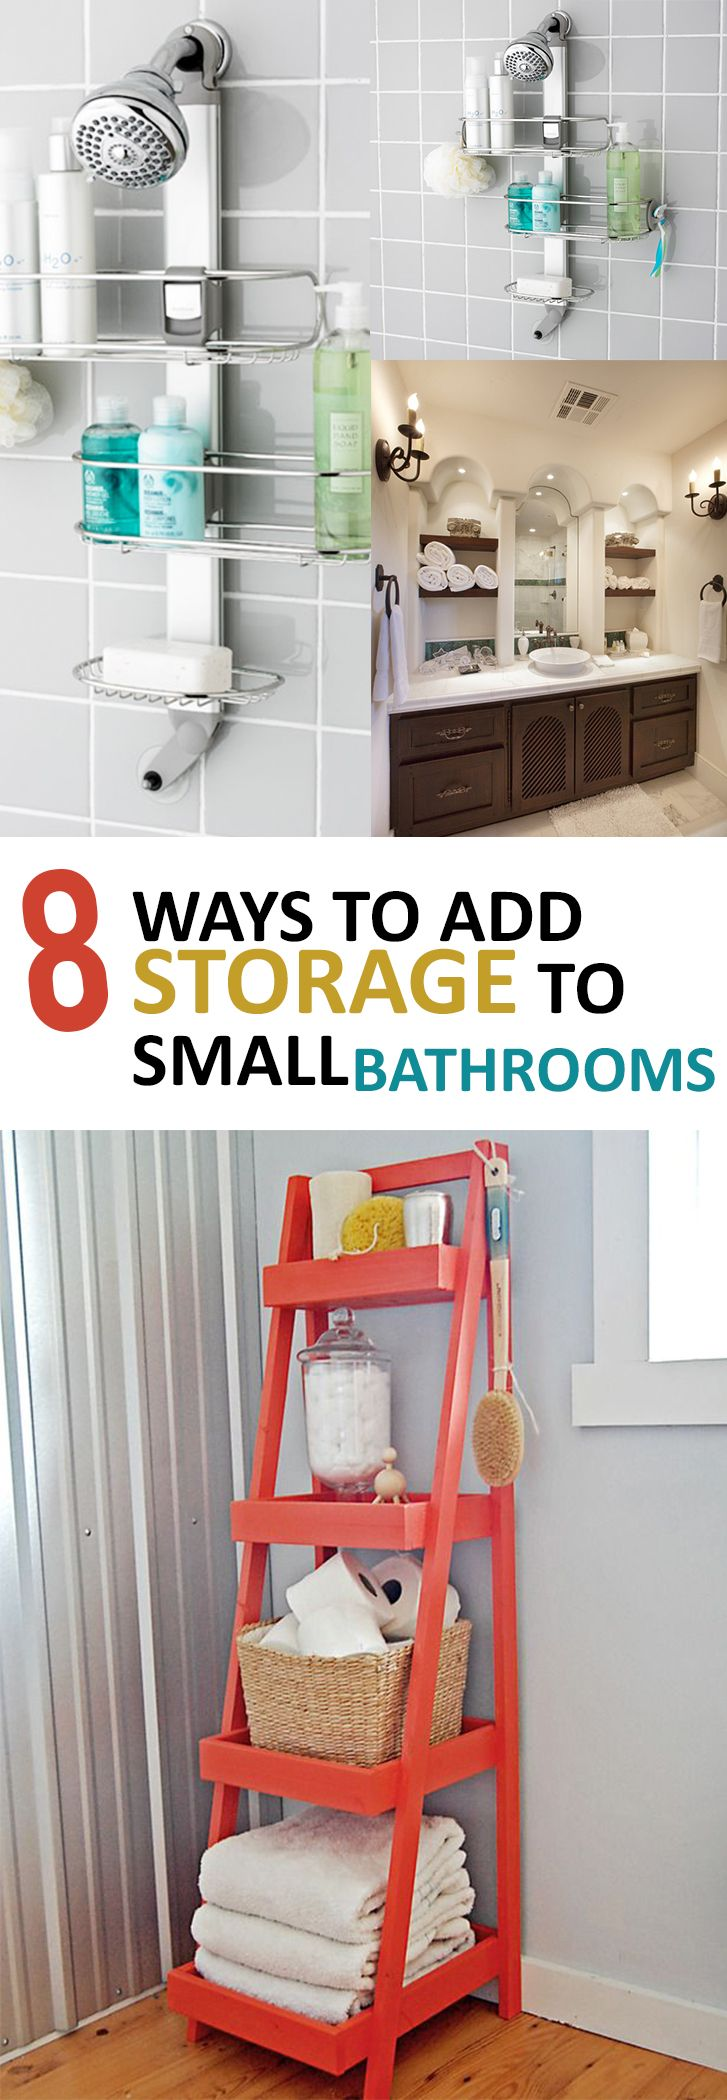 Best 10+ Bathroom Storage Diy Ideas On Pinterest | Diy Bathroom Decor, Bathroom  Storage And Small Bathroom Storage